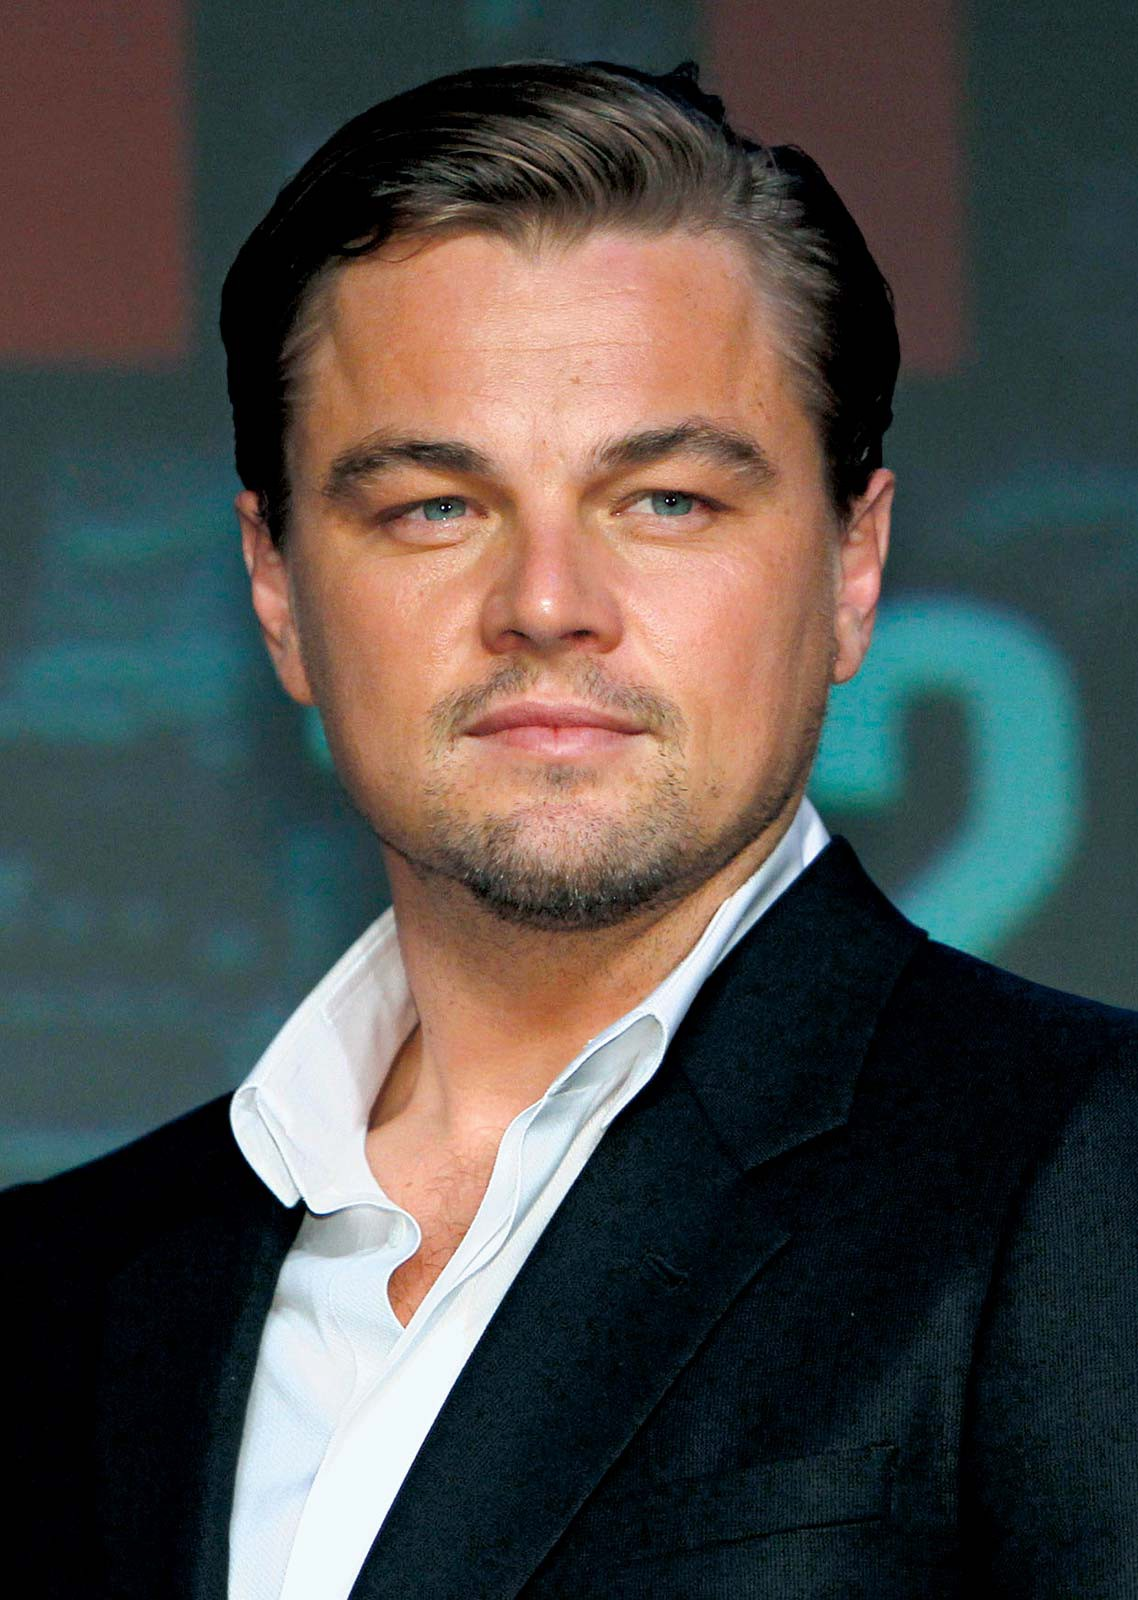 Top 10 nam diễn viên có tổng thu nhập cao nhất thế giới 10 năm qua: Ai là người đứng đầu? - Ảnh 5.